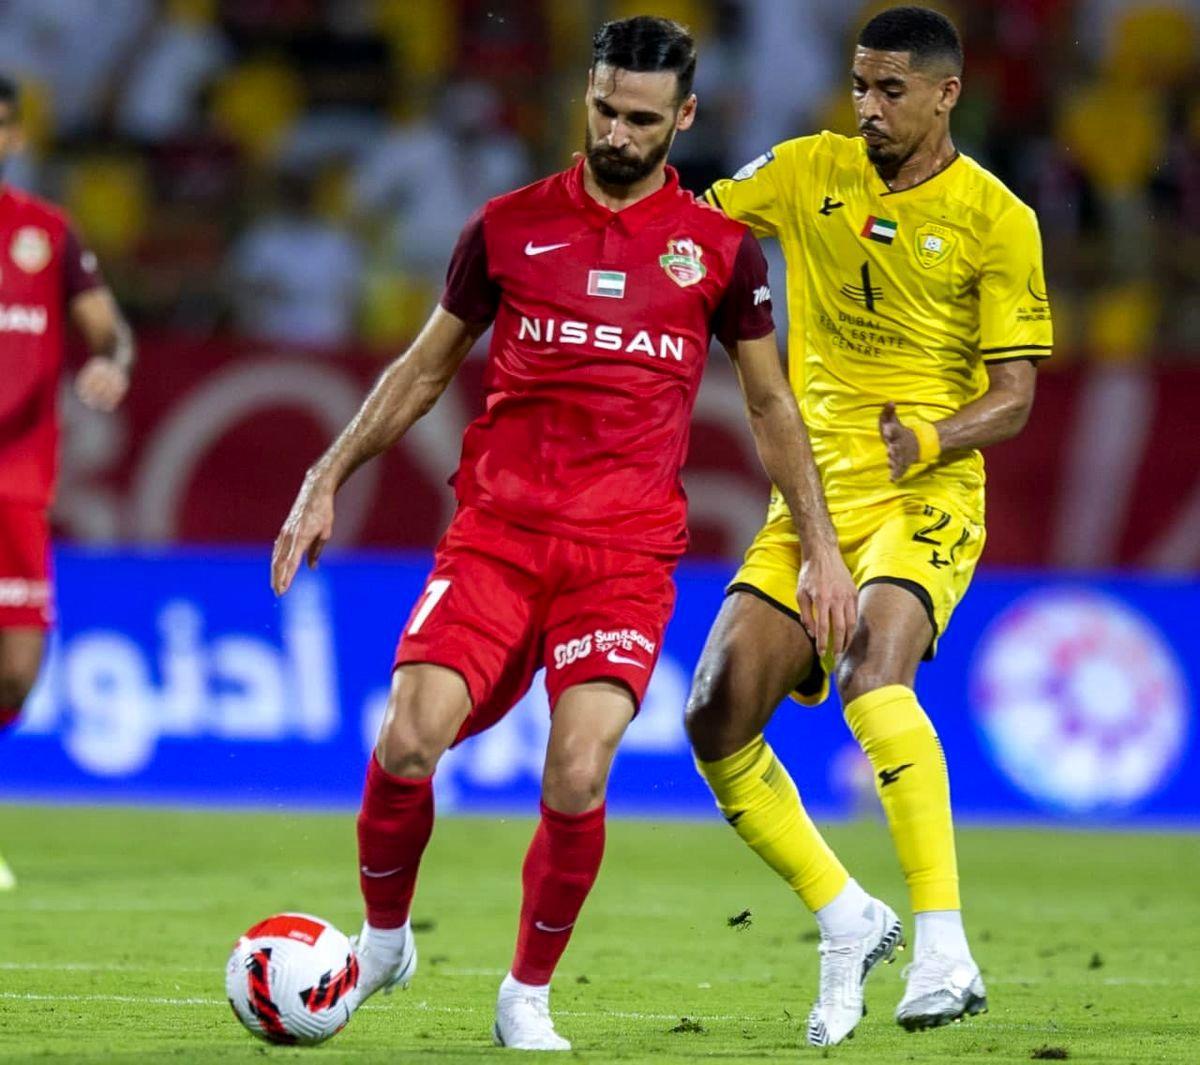 اشتباه بزرگ سرمربی اماراتی درباره ستاره پرسپولیس!